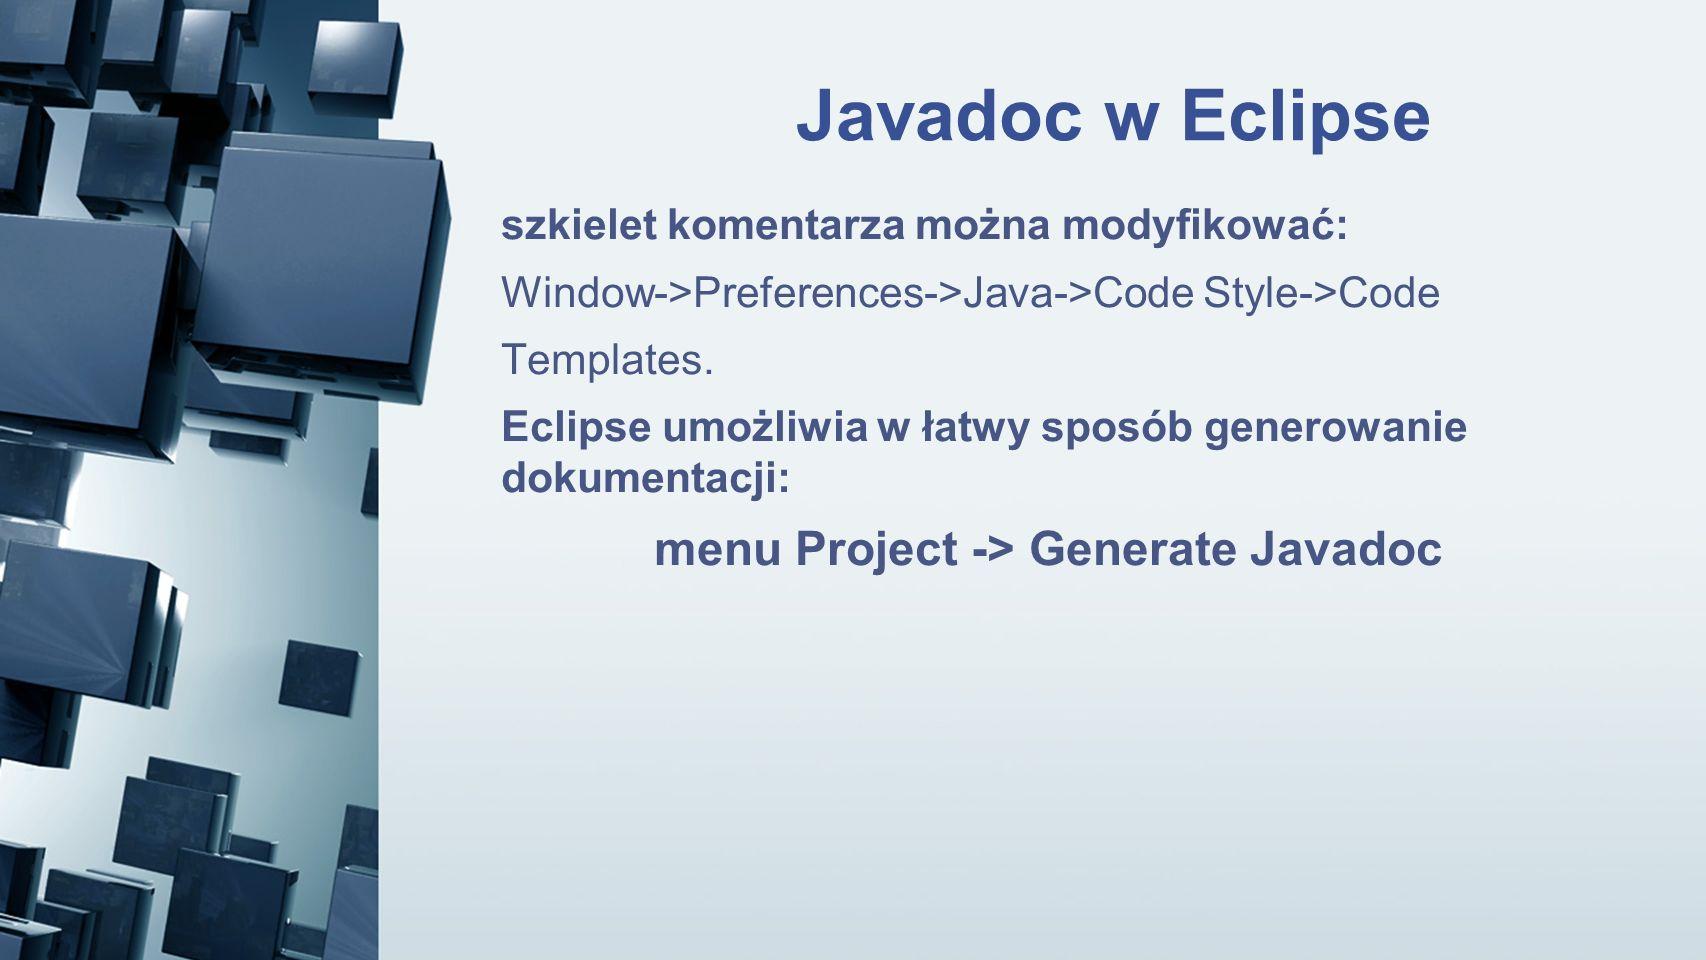 Javadoc w Eclipse szkielet komentarza można modyfikować: Window->Preferences->Java->Code Style->Code Templates. Eclipse umożliwia w łatwy sposób gener